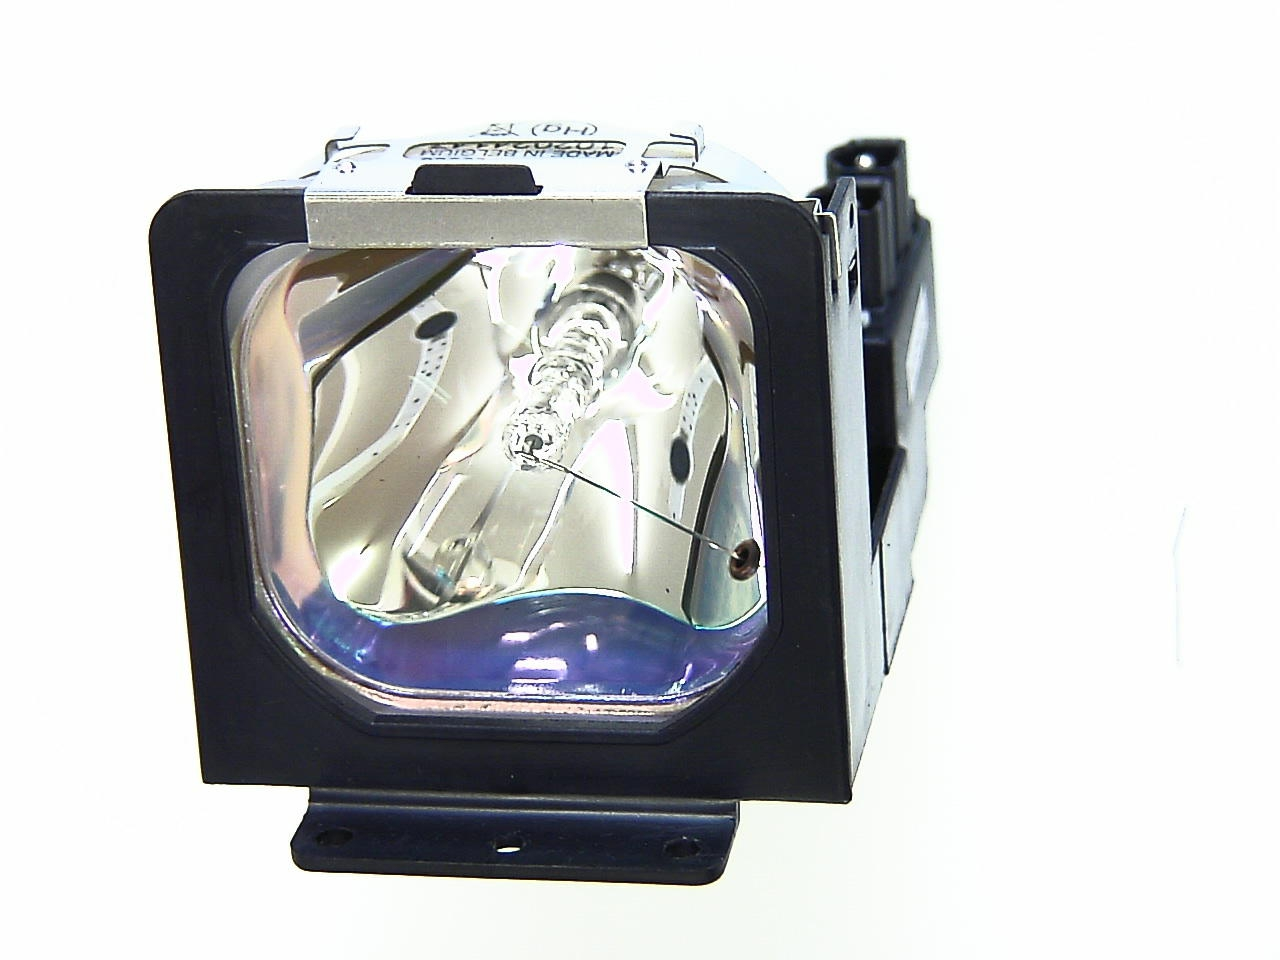 Lámpara CANON LV-7100e